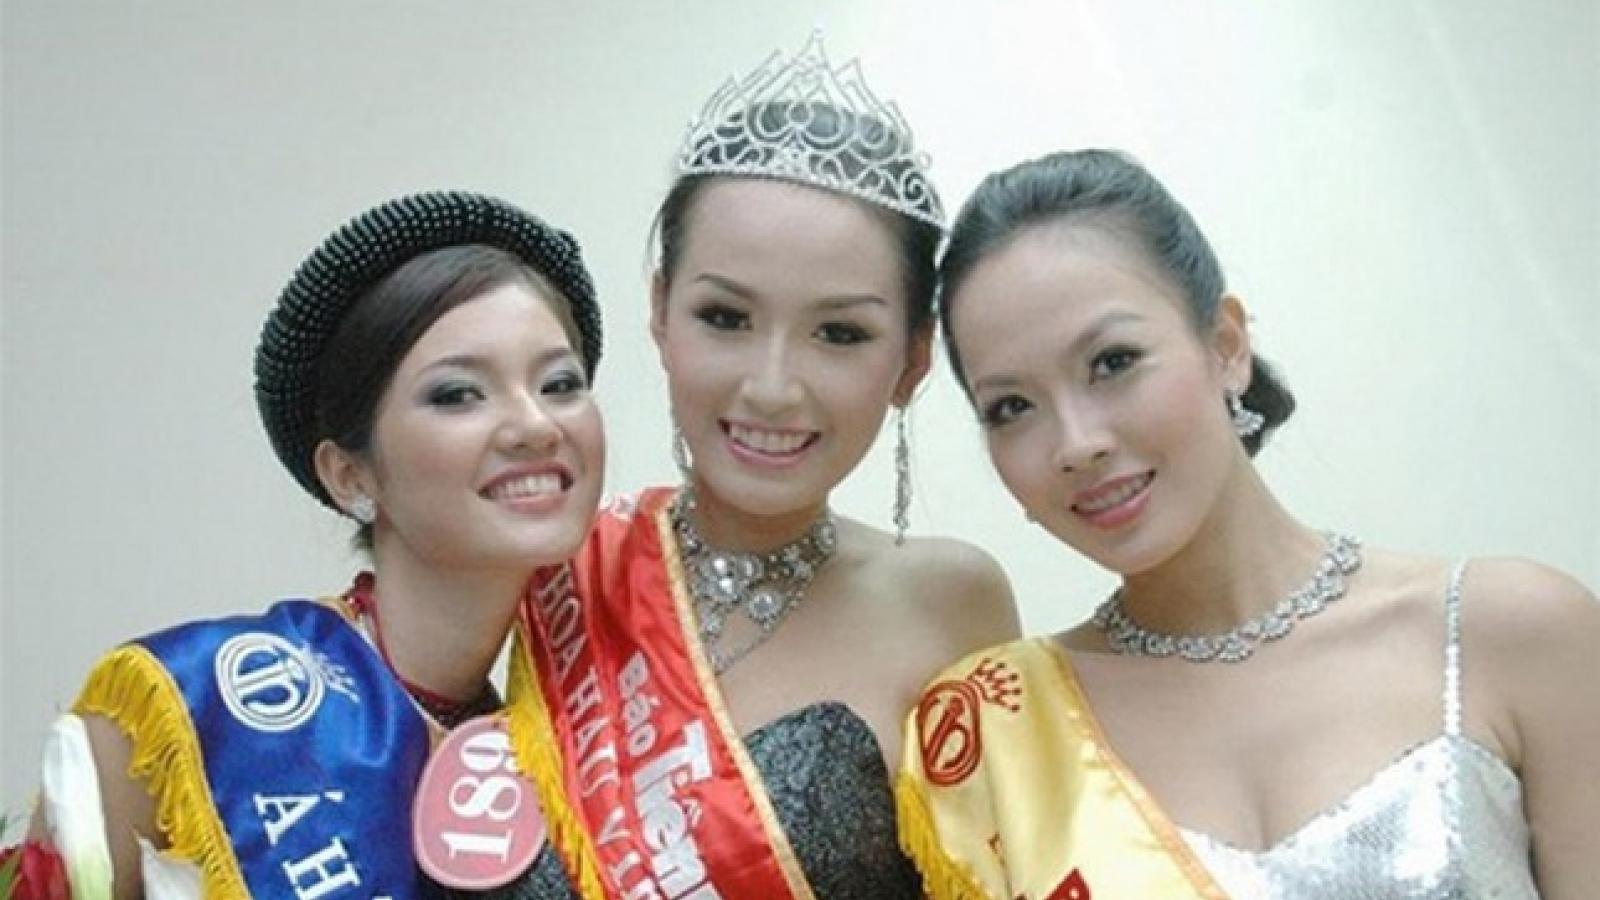 Top 3 Hoa hậu Việt Nam 2006 sau 15 năm đăng quang